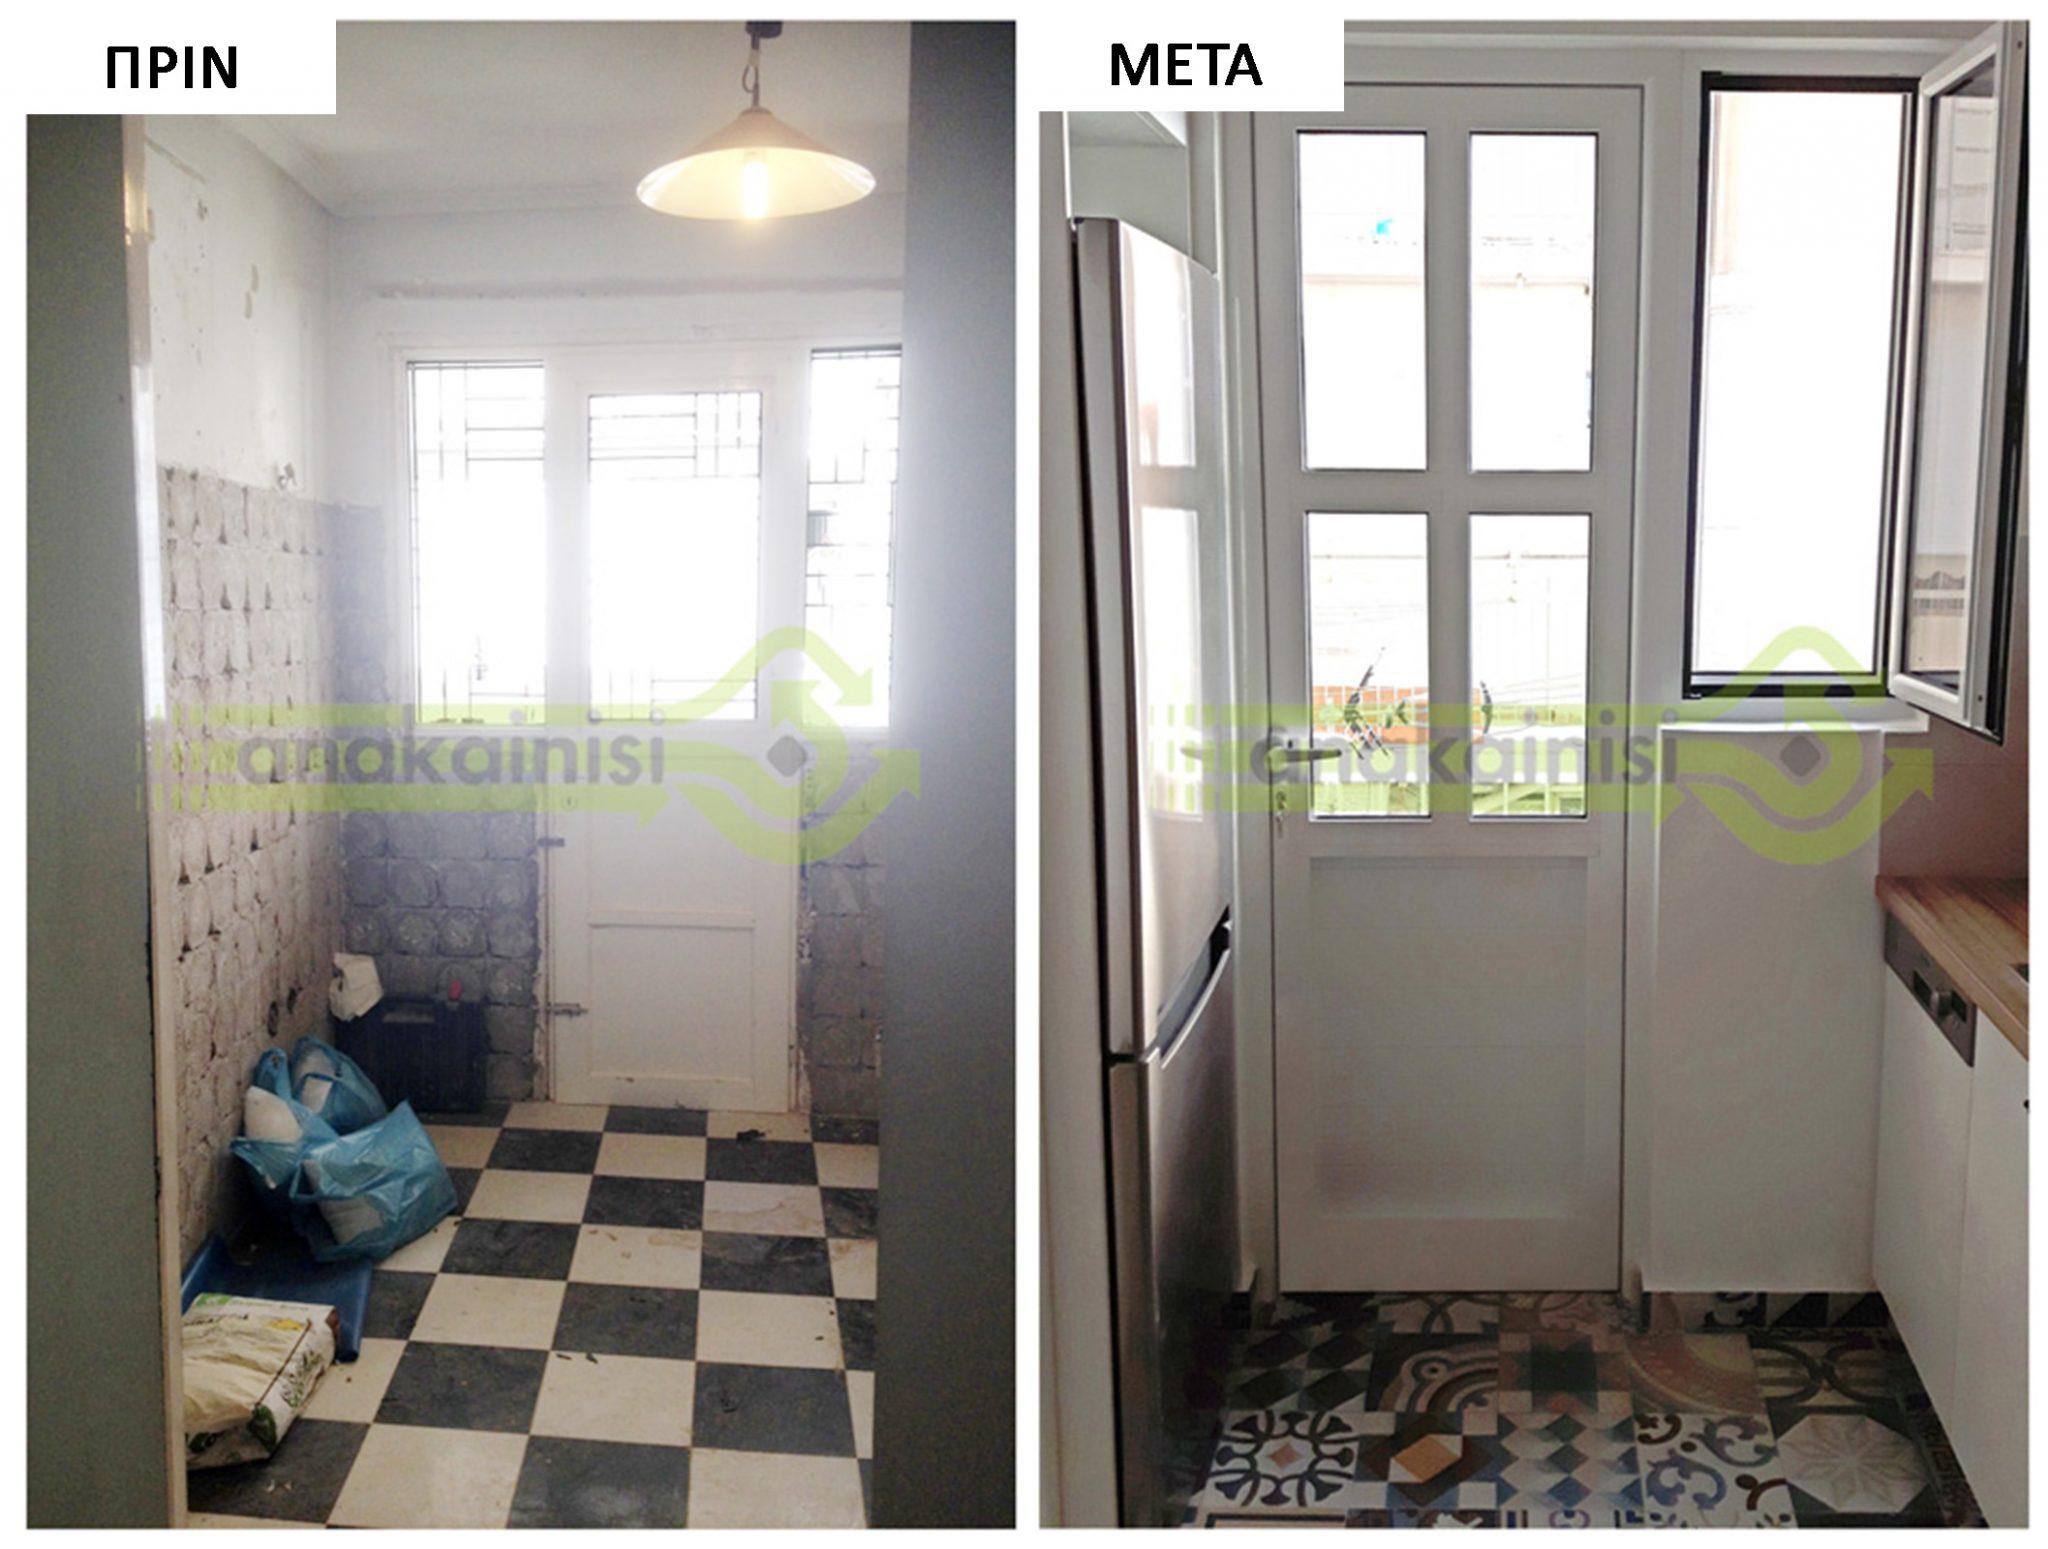 Ανακαίνιση σπιτιού στου Ζωγράφου - Α 95